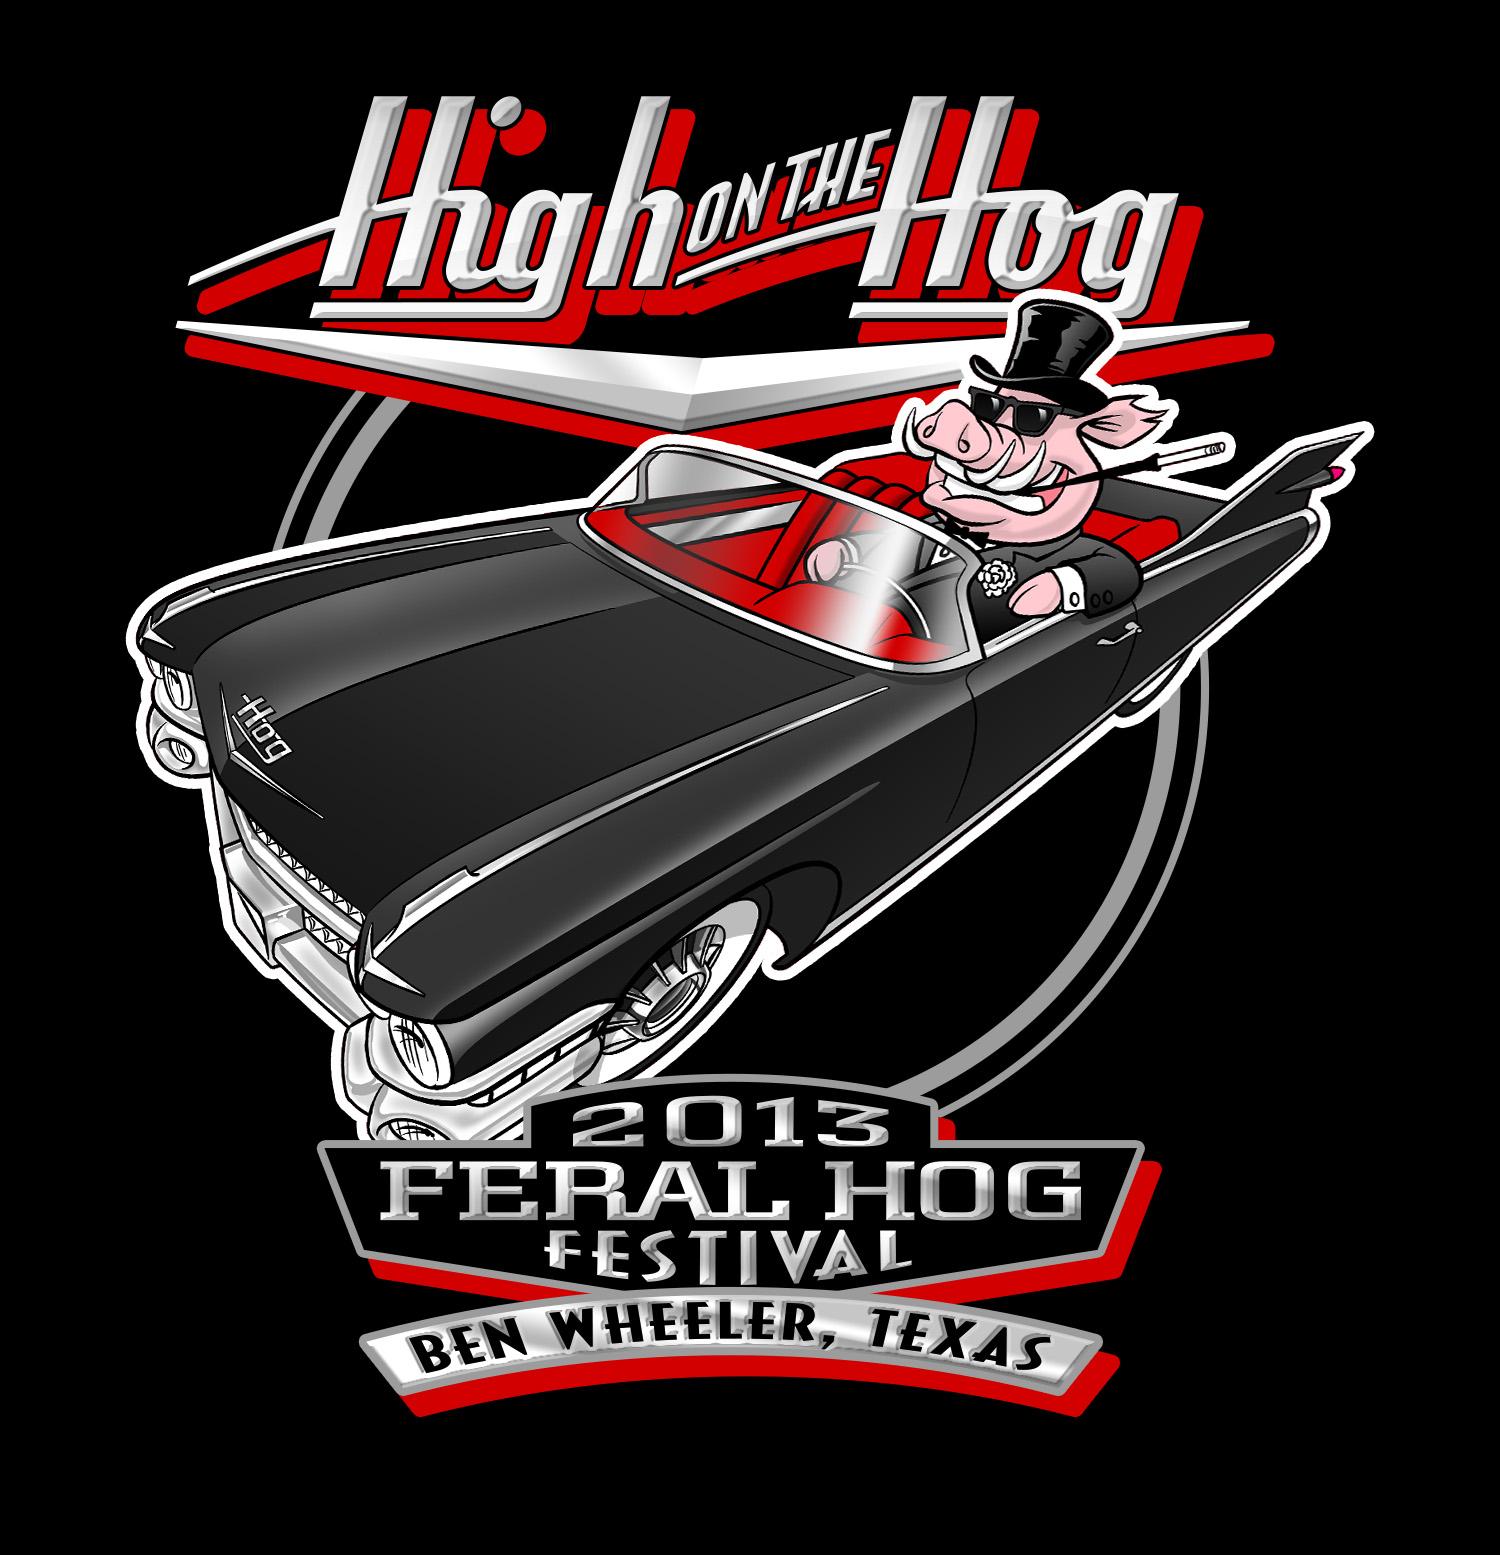 High On The Hog.jpg